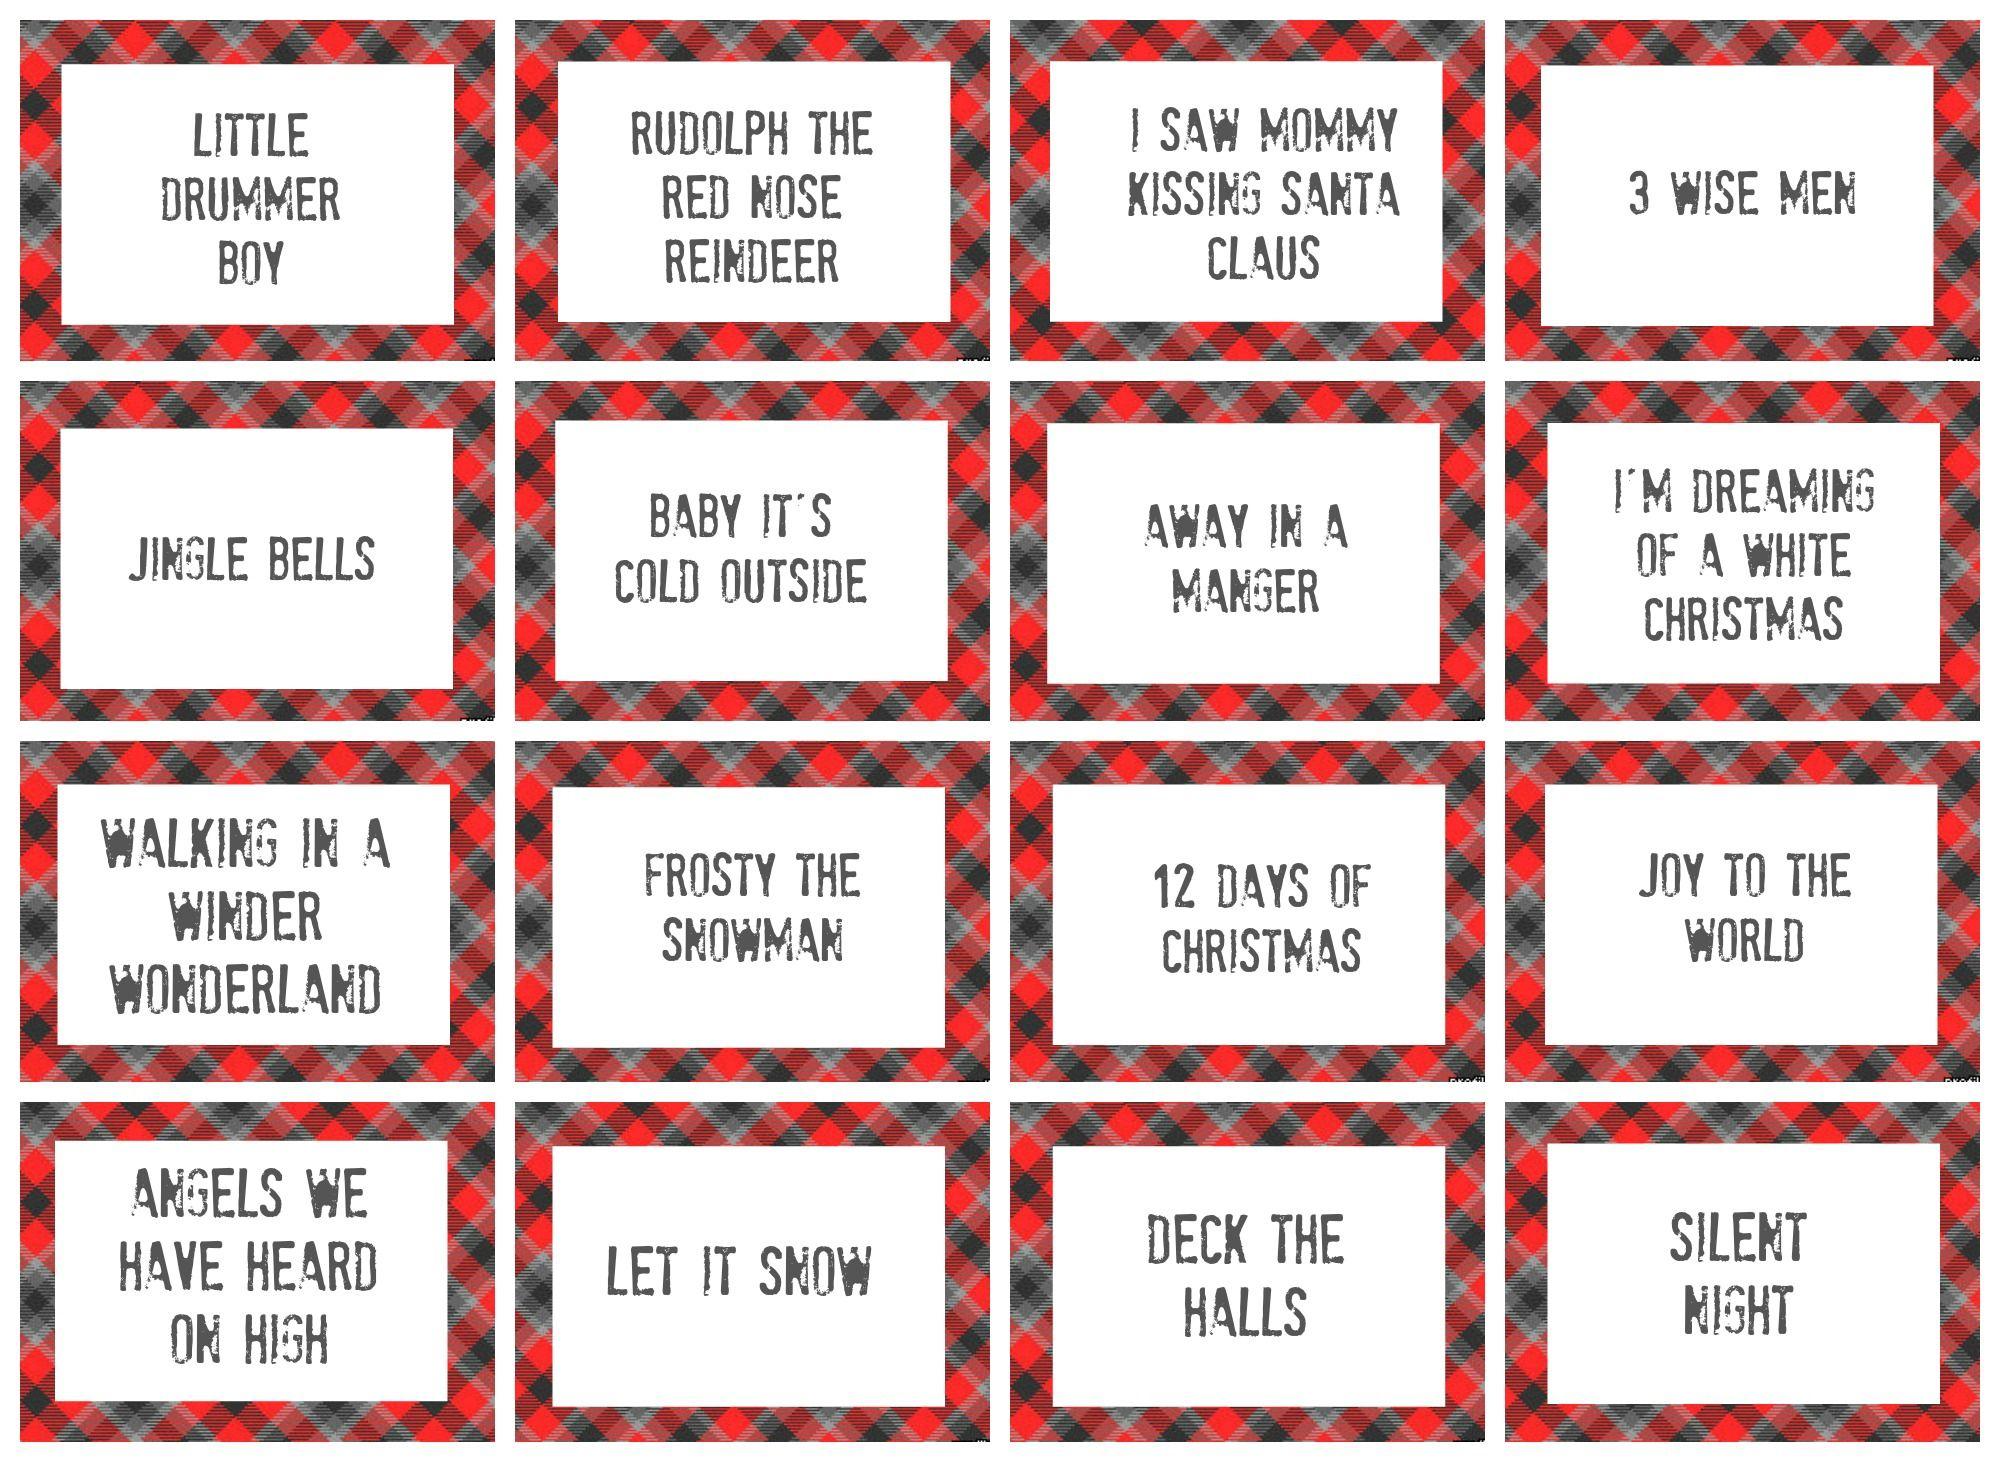 Christmas Charades Game And Free Printable Roundup   Crafting - Free Printable Charades Cards